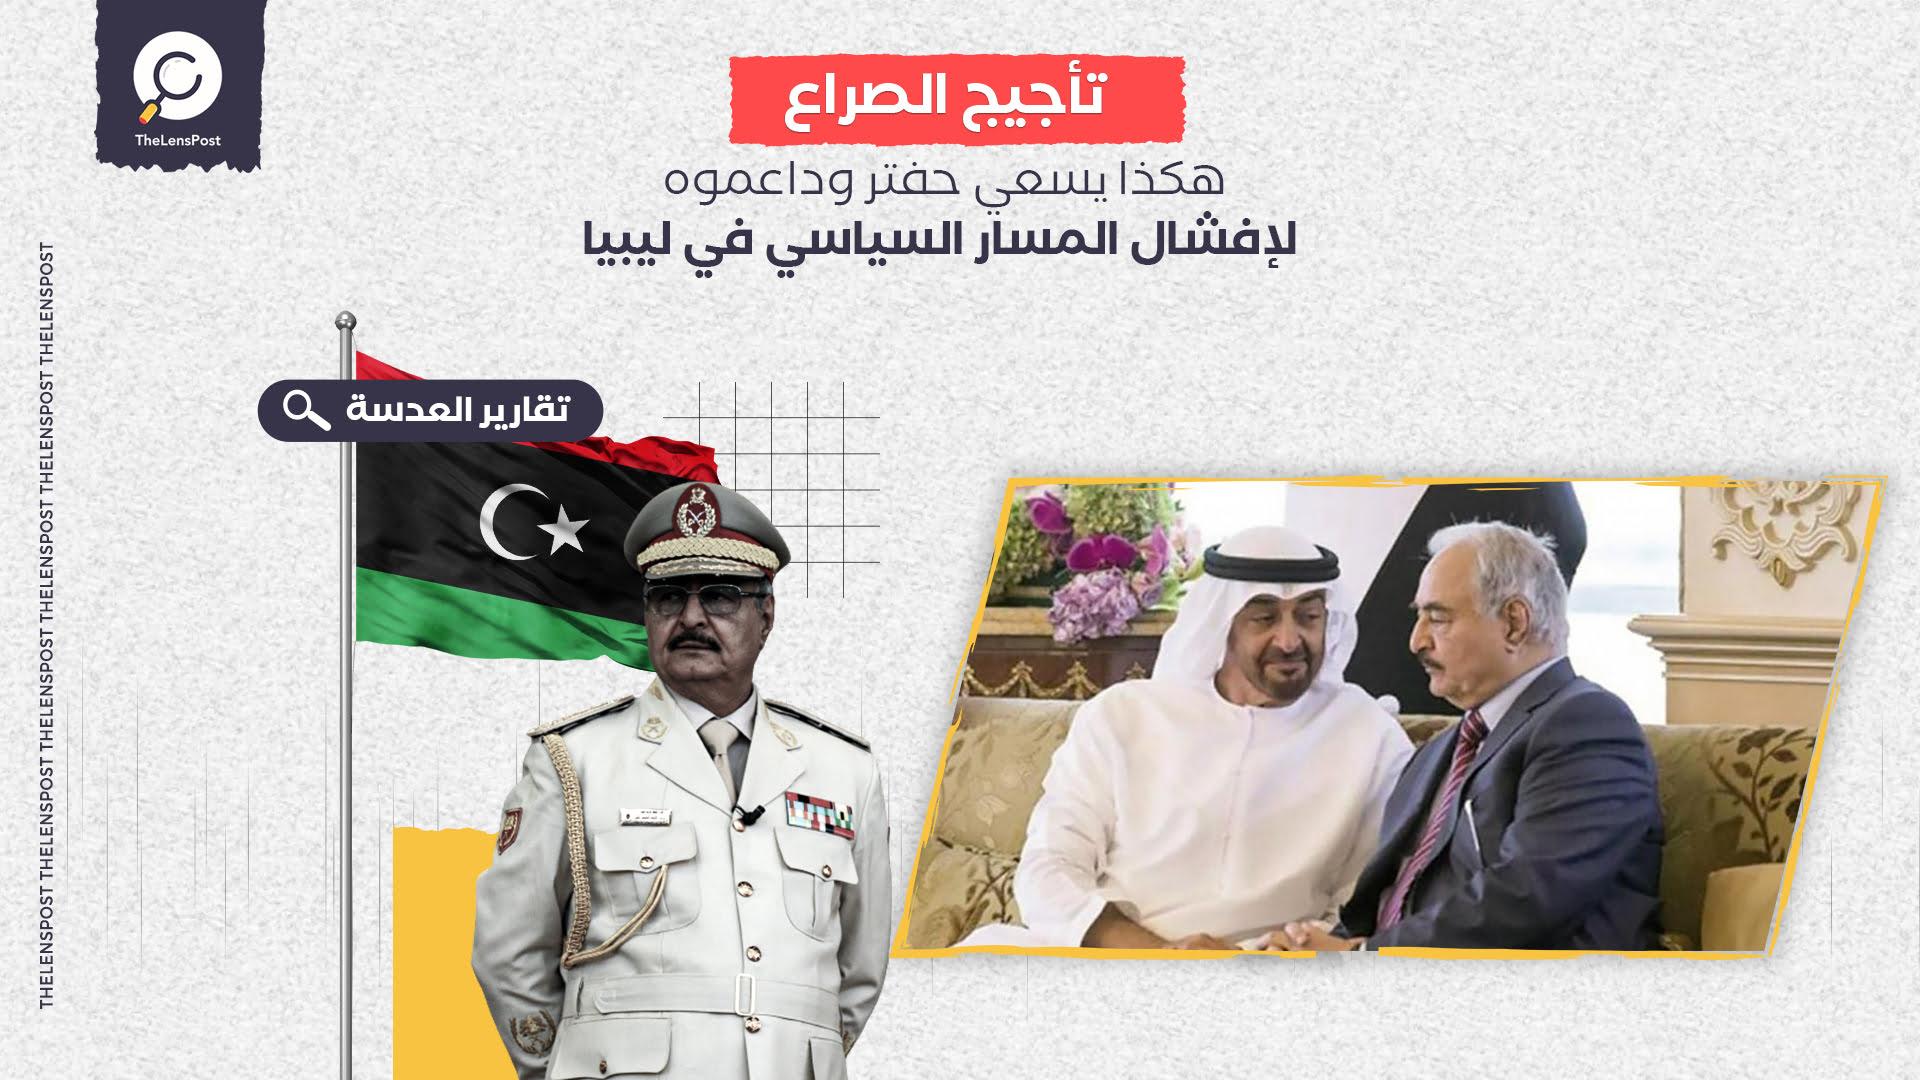 بعد خروقاته المتكررة .. هكذا يسعي حفتر وداعموه لإفشال المسار السياسي في ليبيا